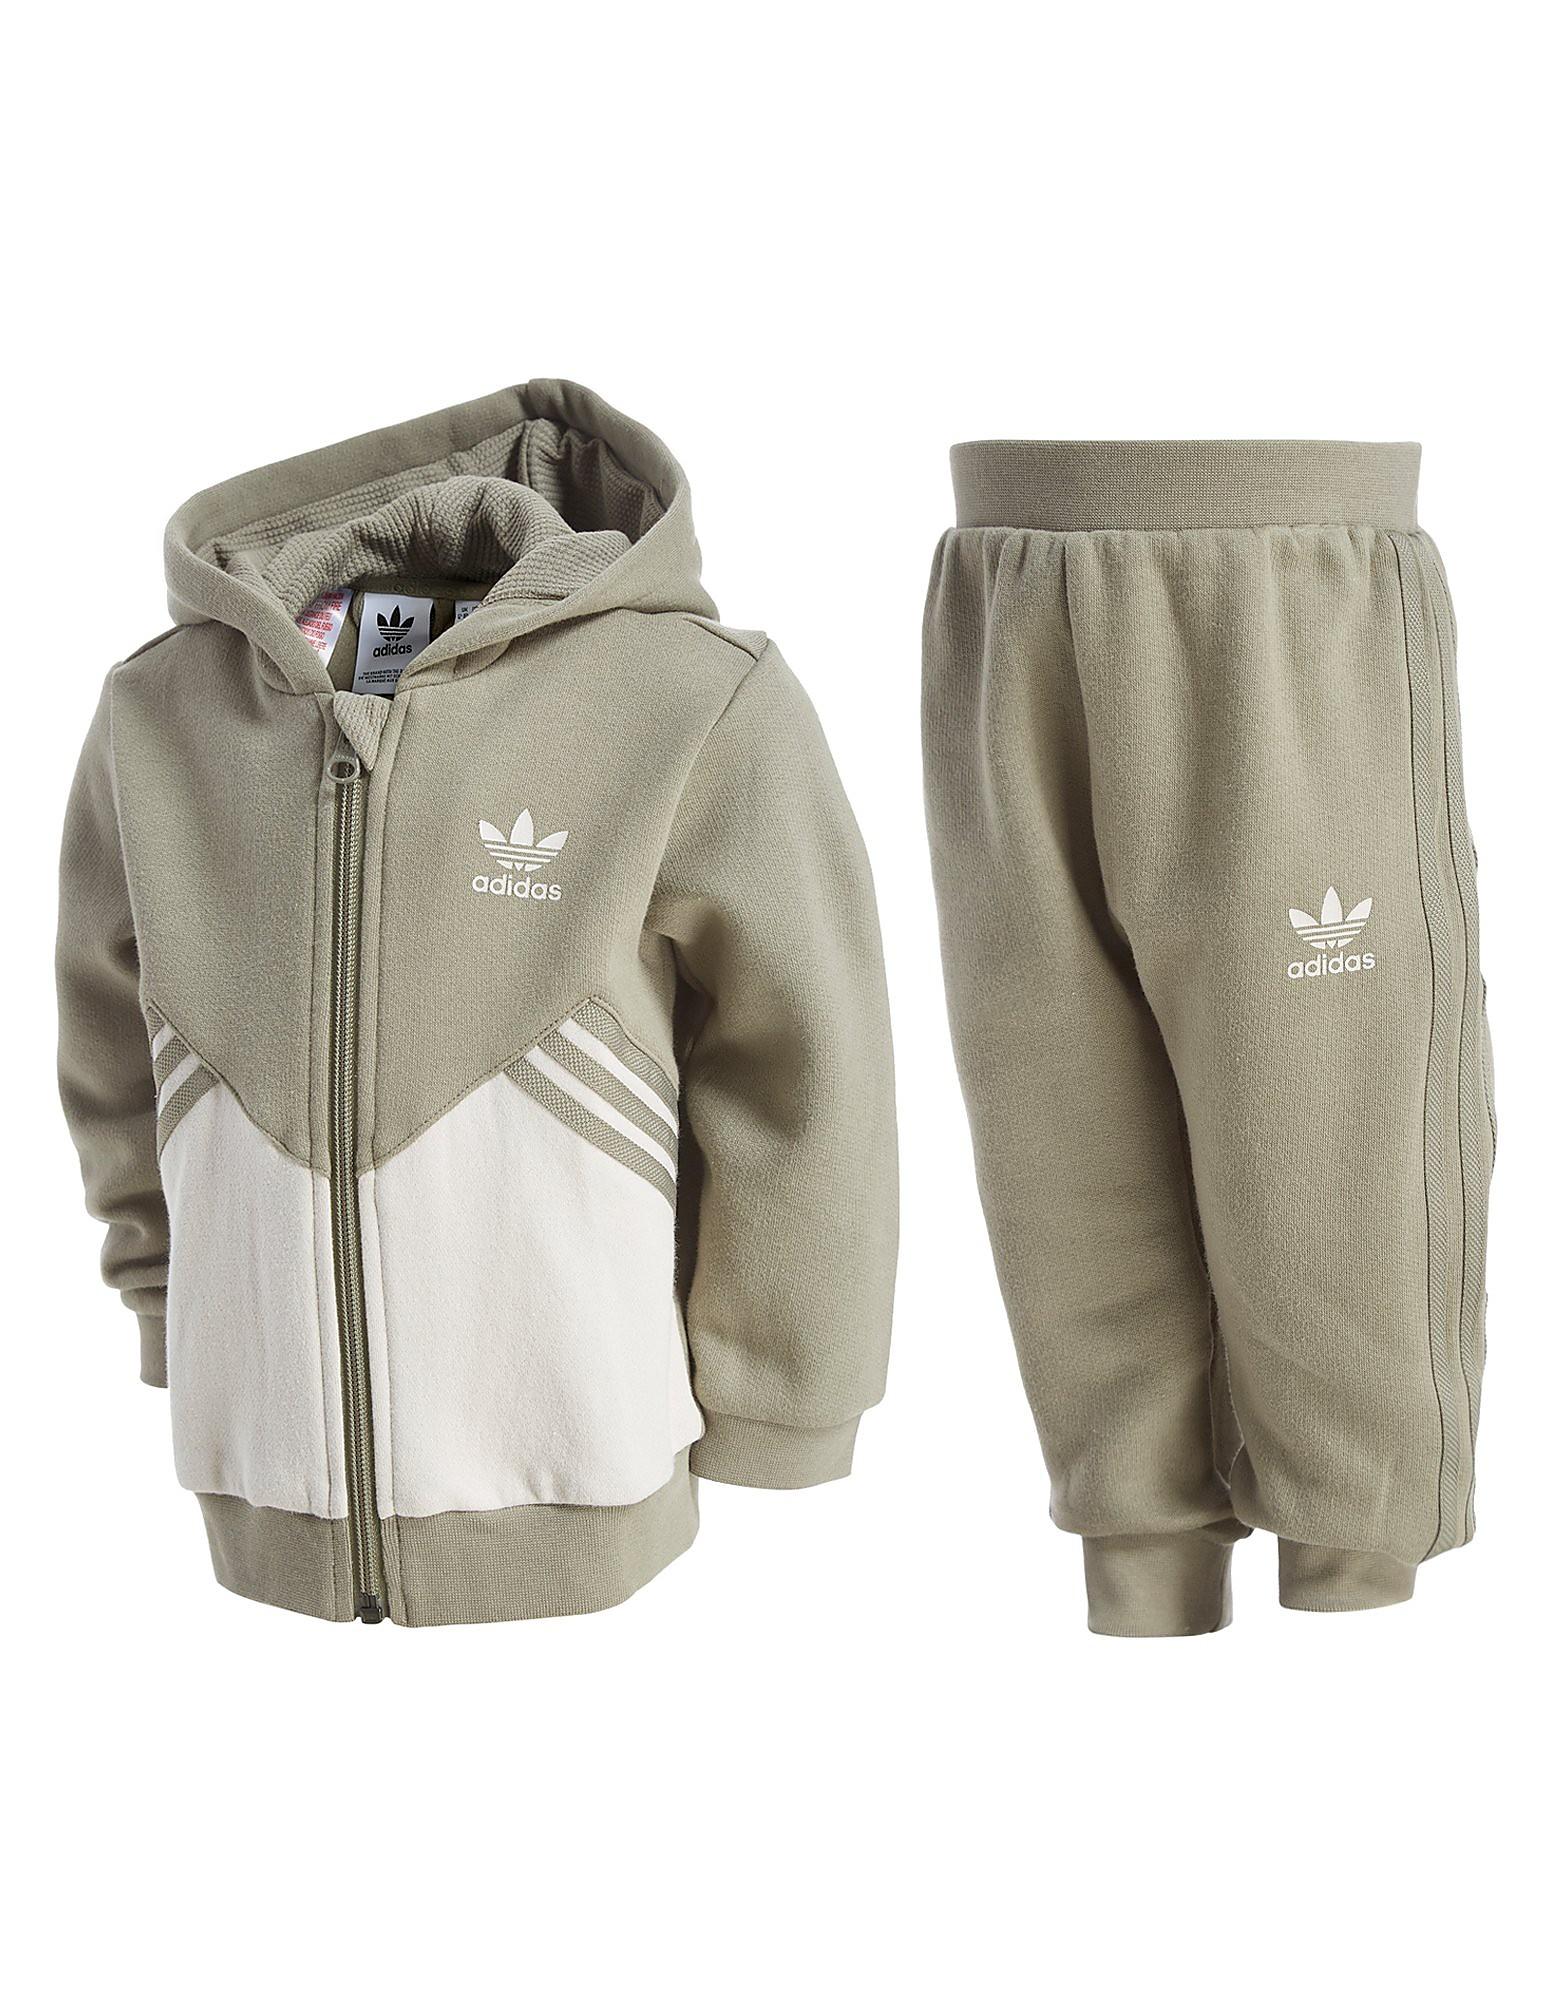 adidas Originals MOA Full Zip Suit Infant